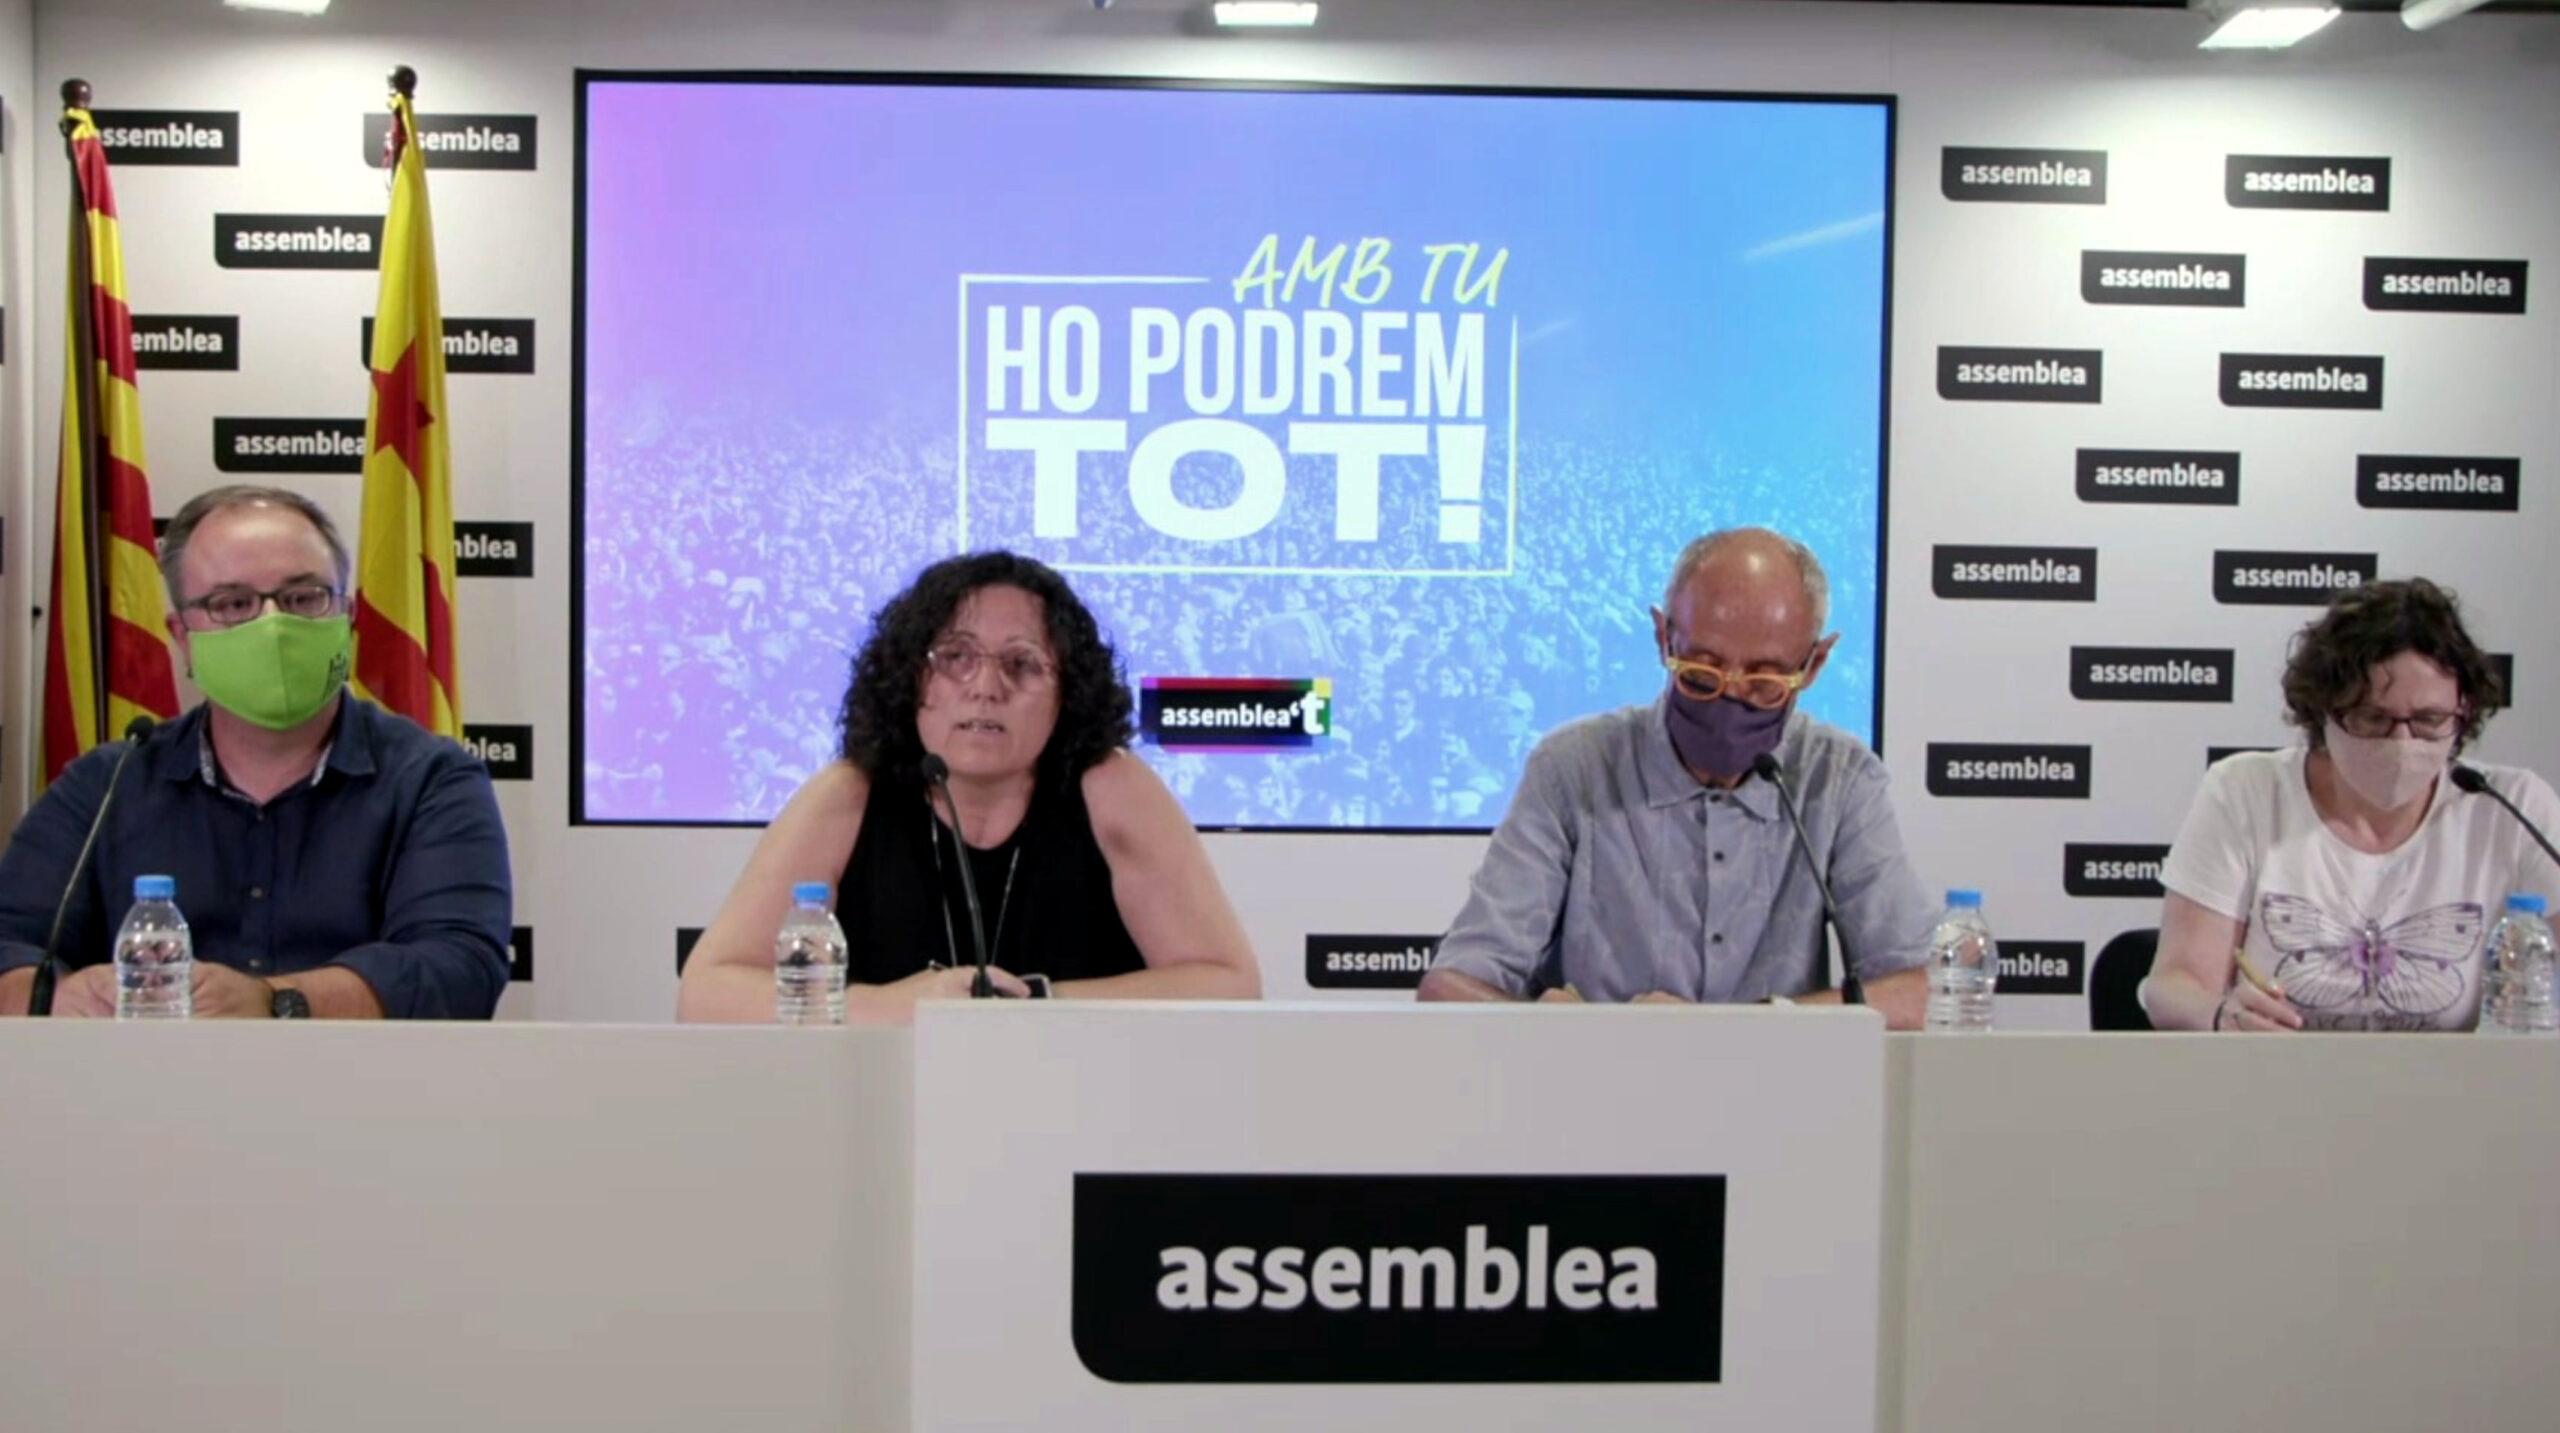 Els advocats de l'ANC Joaquim Fibla, Jordina Sonet, Pep Cruanyes i Patrícia Sierra, el 20-7-21 (ACN)